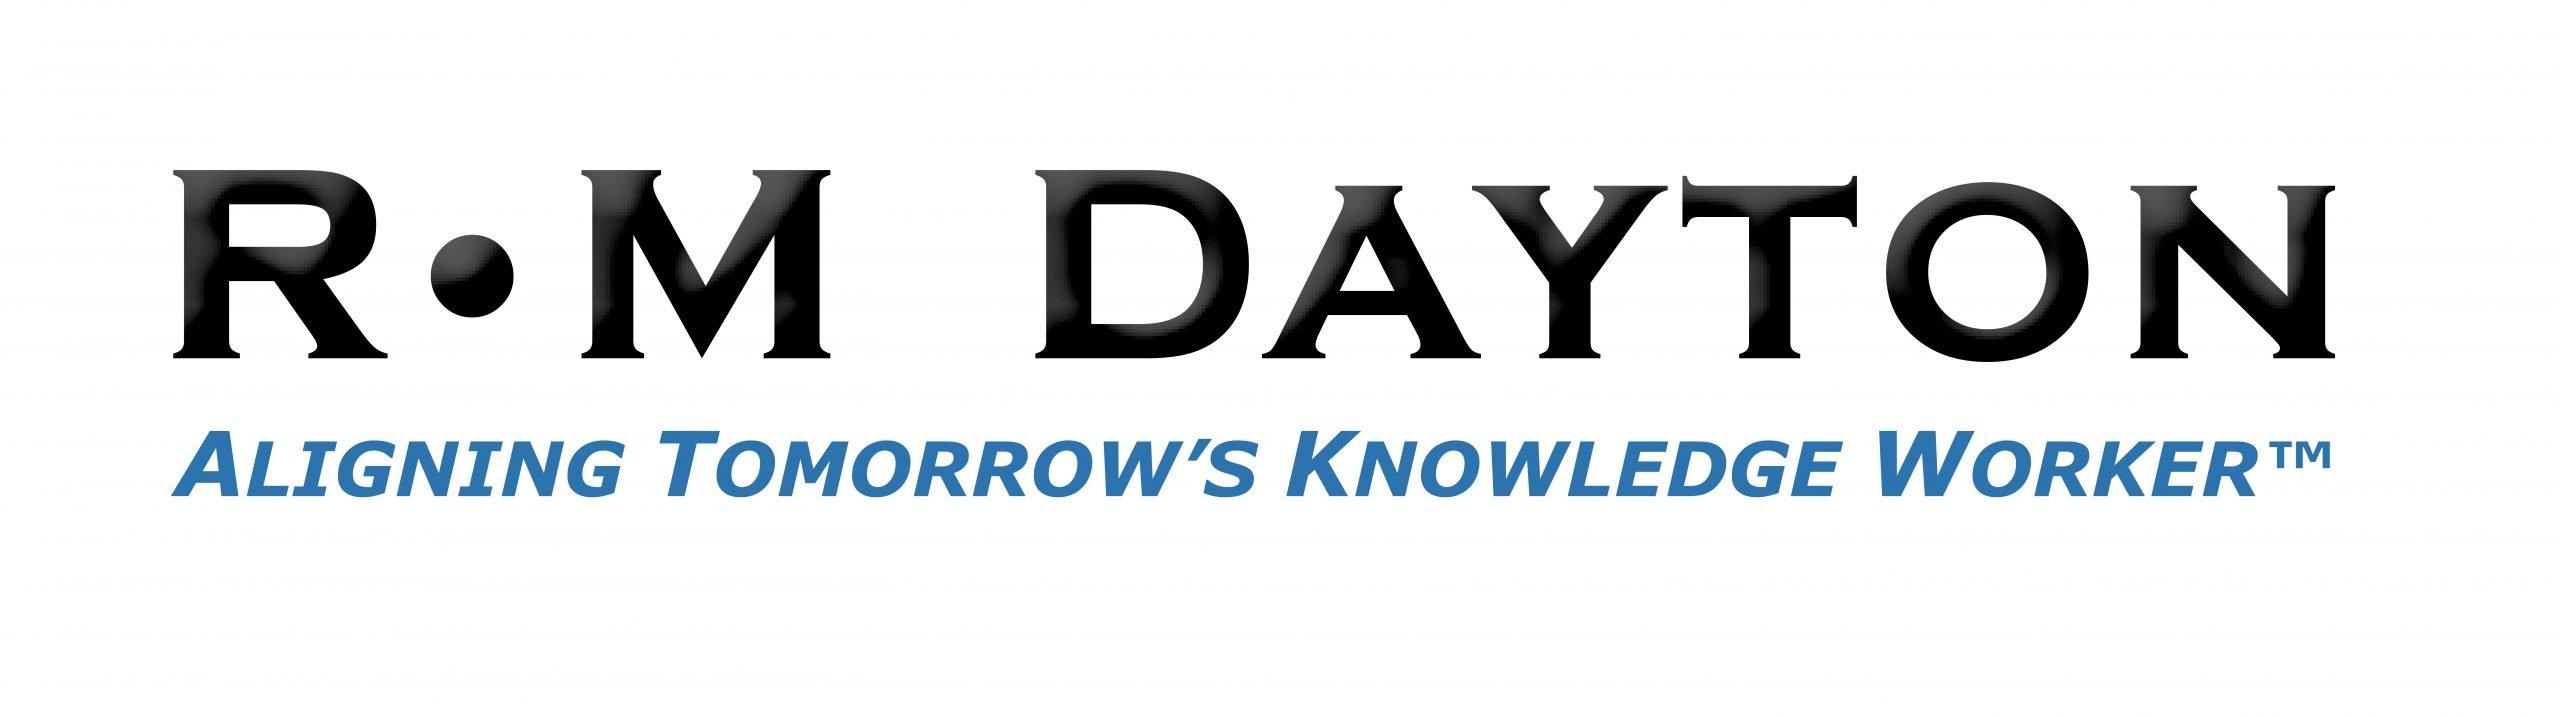 RM Dayton Analytics